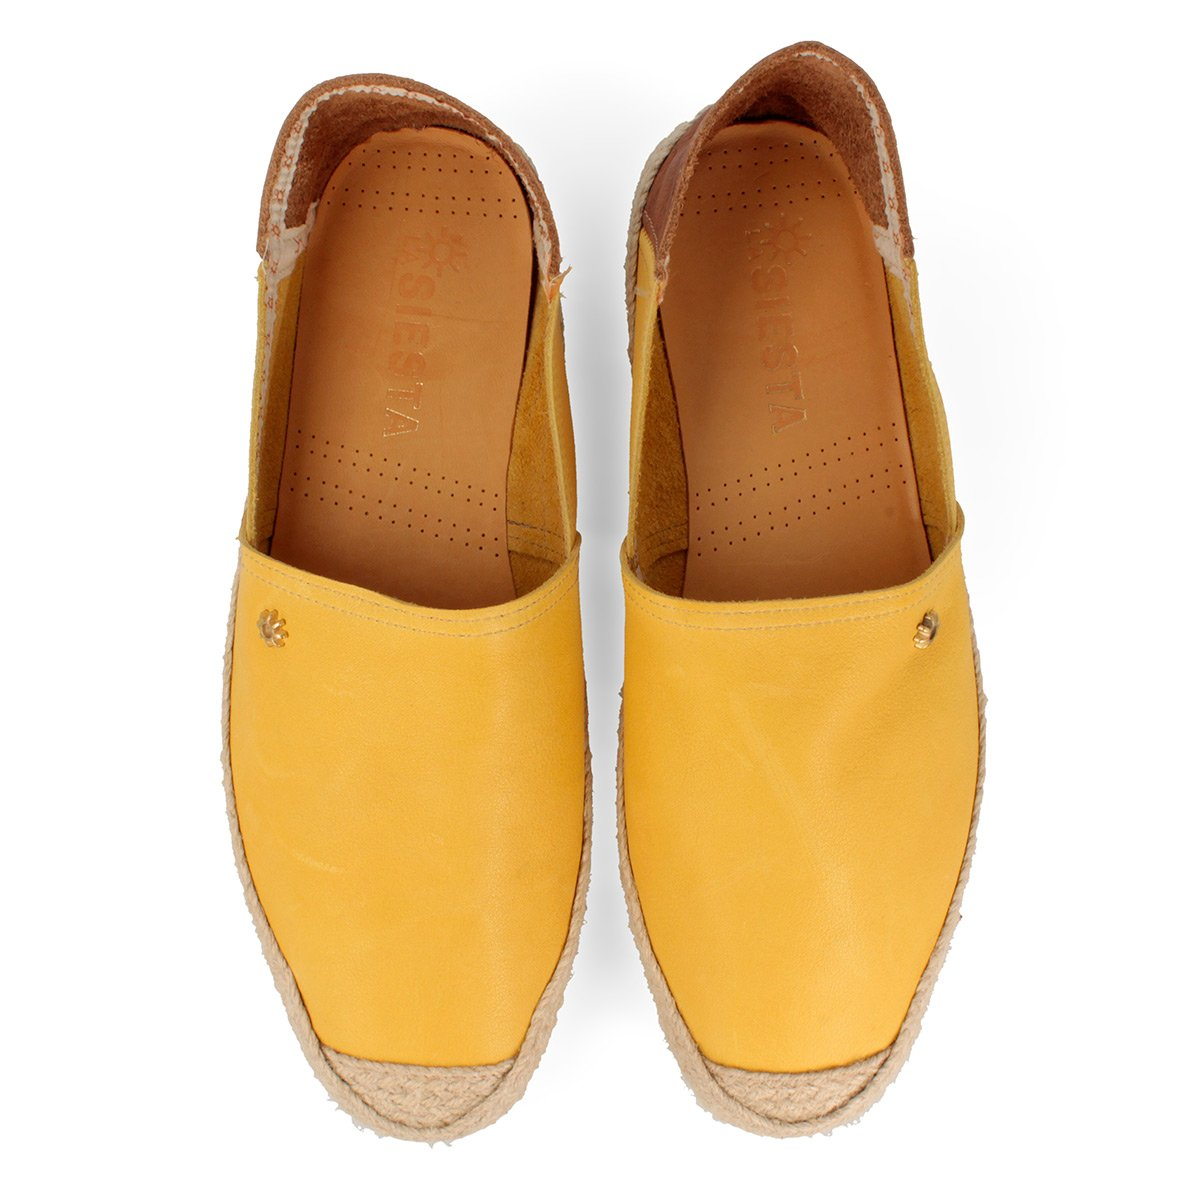 La siesta San Pedro, Alpargatas para Hombre, Amarillo (Mostaza 22), 40 EU: Amazon.es: Zapatos y complementos